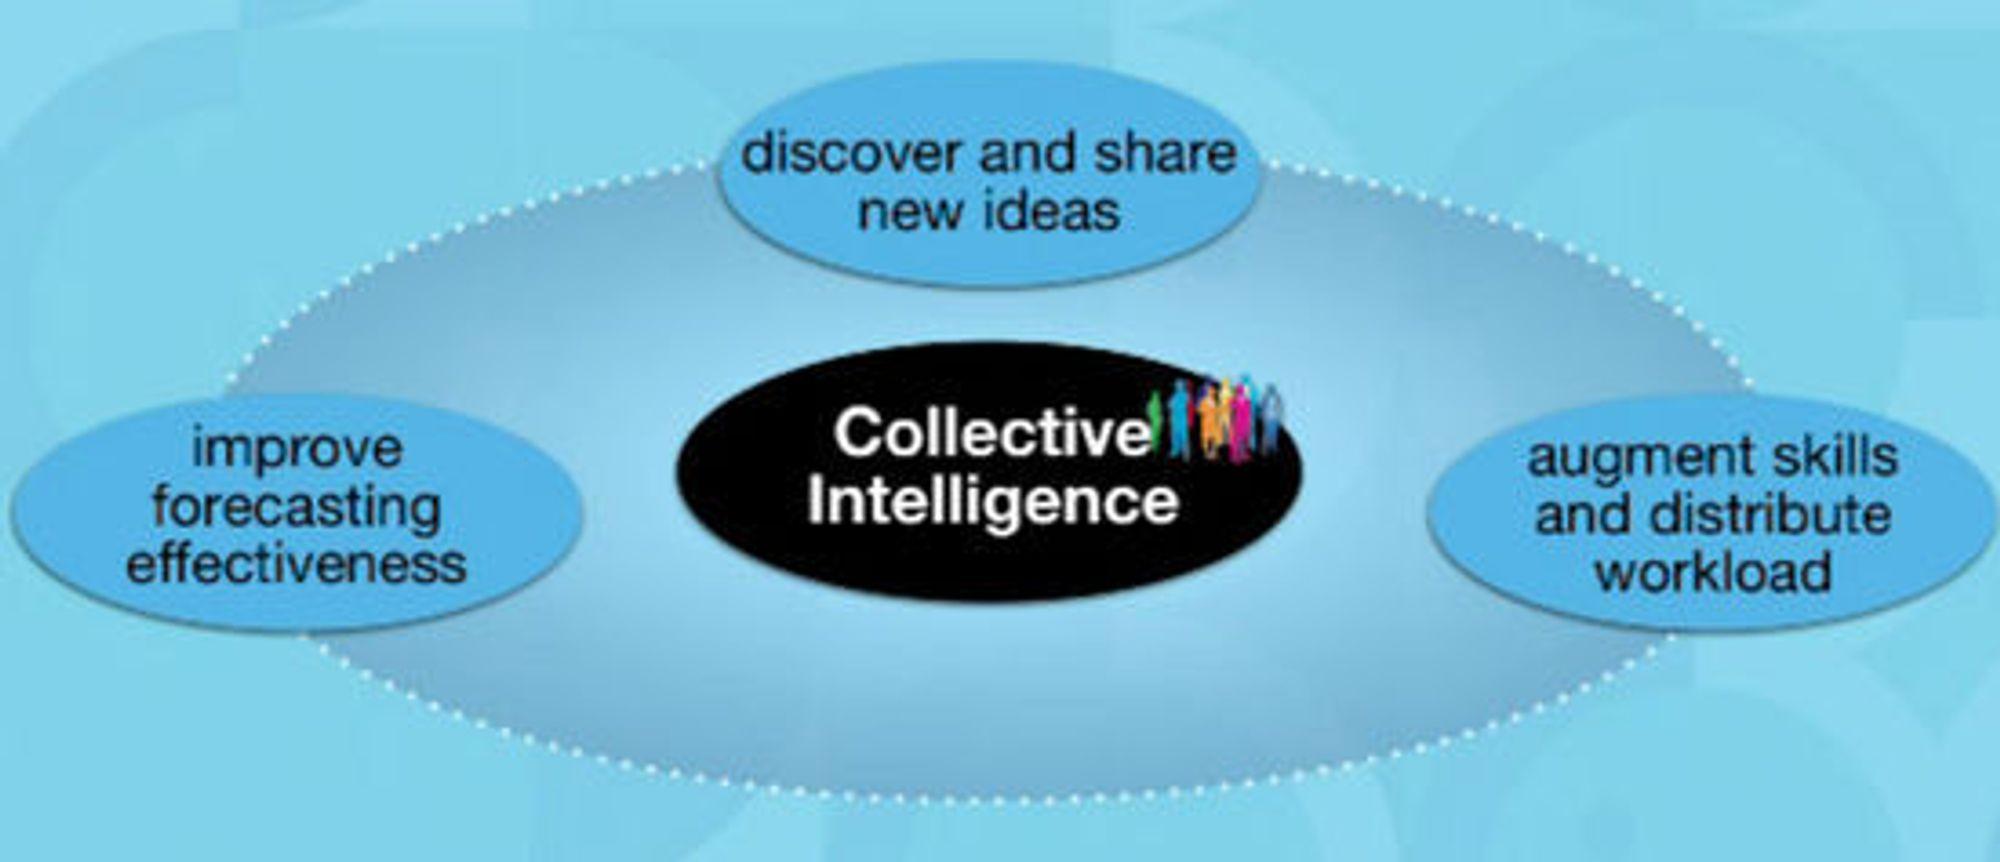 De tre hovedbestanddelene i kollektiv intelligens, ifølge IBM: Bli flinkere til å spå, oppdage og dele nye ideer, samt øke felleskompetansen og evnen til å fordele arbeid til hverandre.